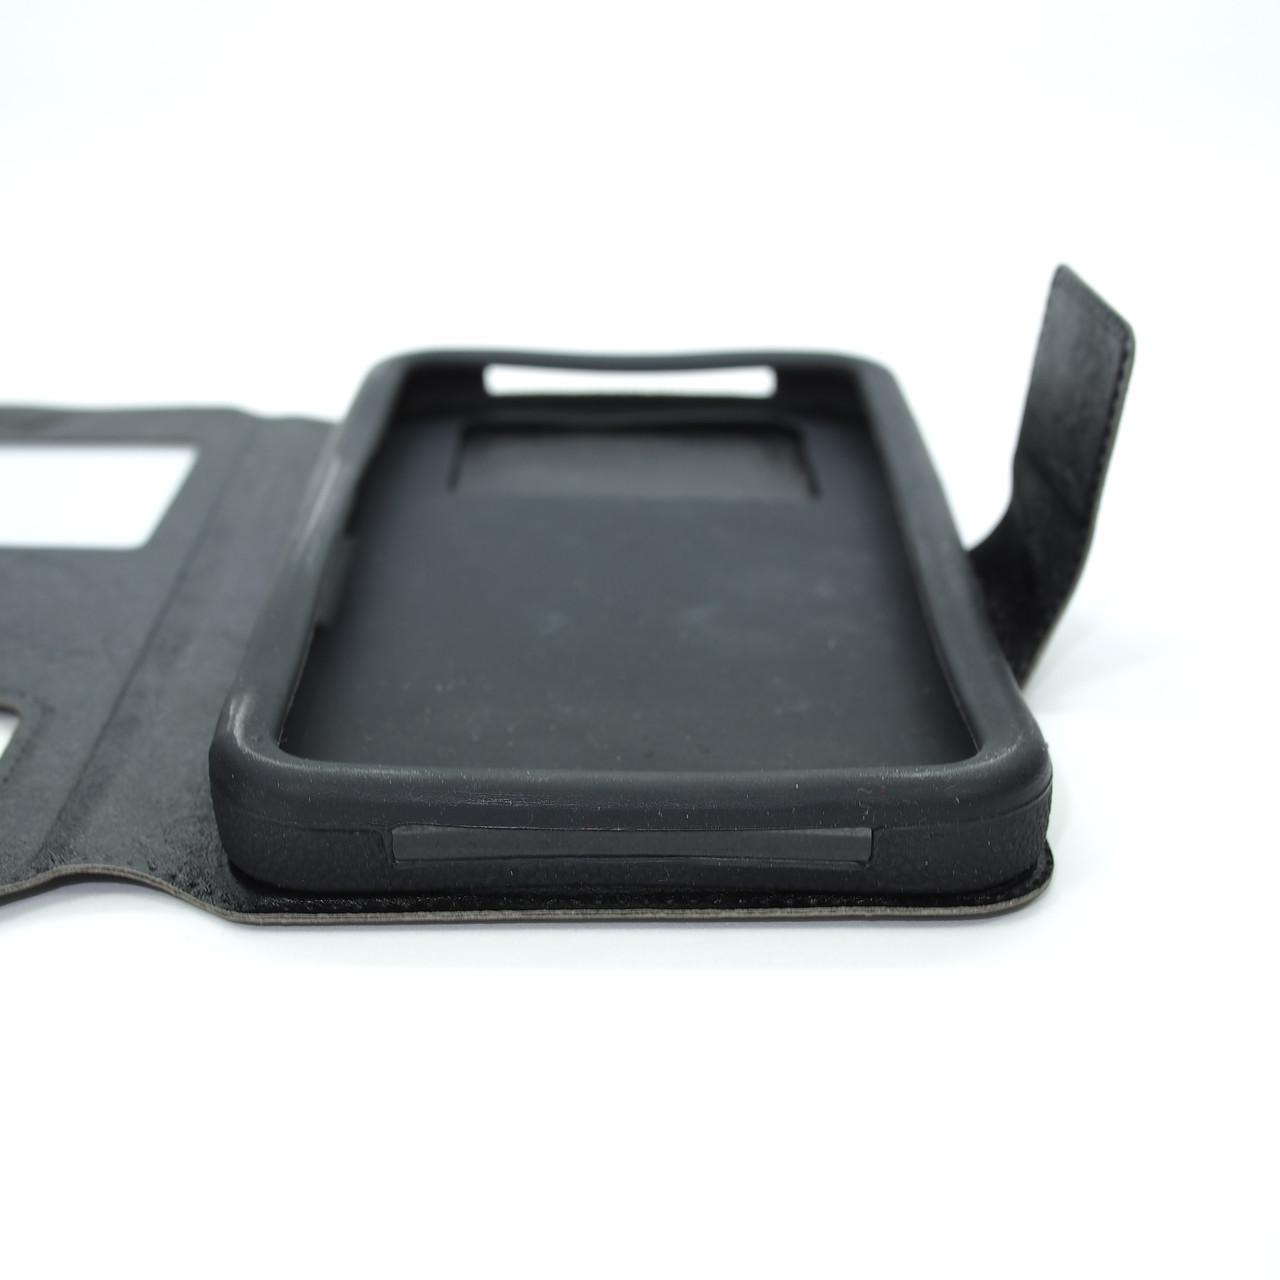 Чехлы для других смартфонов Universal Book Window 5.2-5.5 black Для телефона Черный